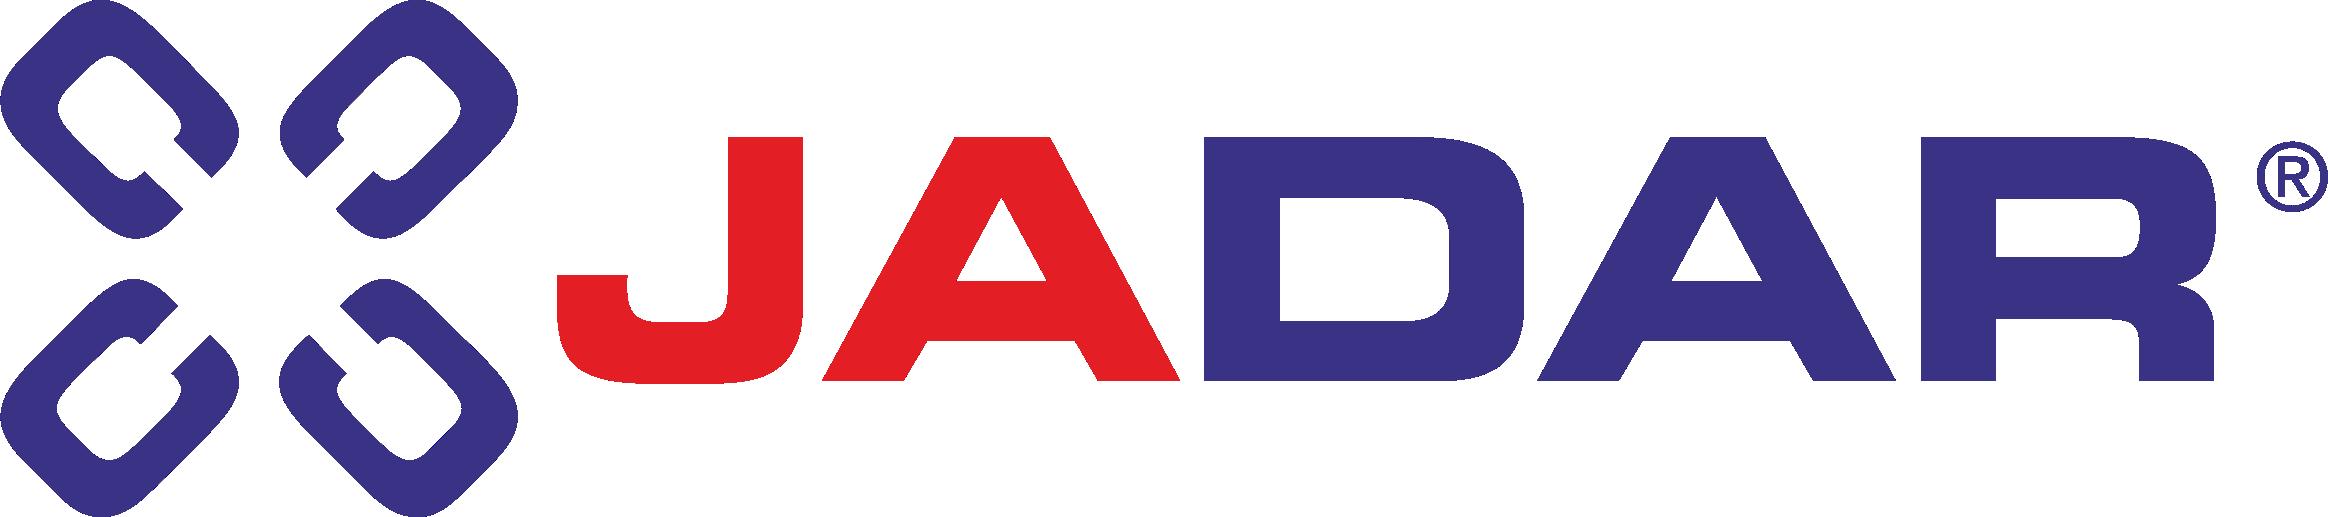 jadar_logo_CMYK